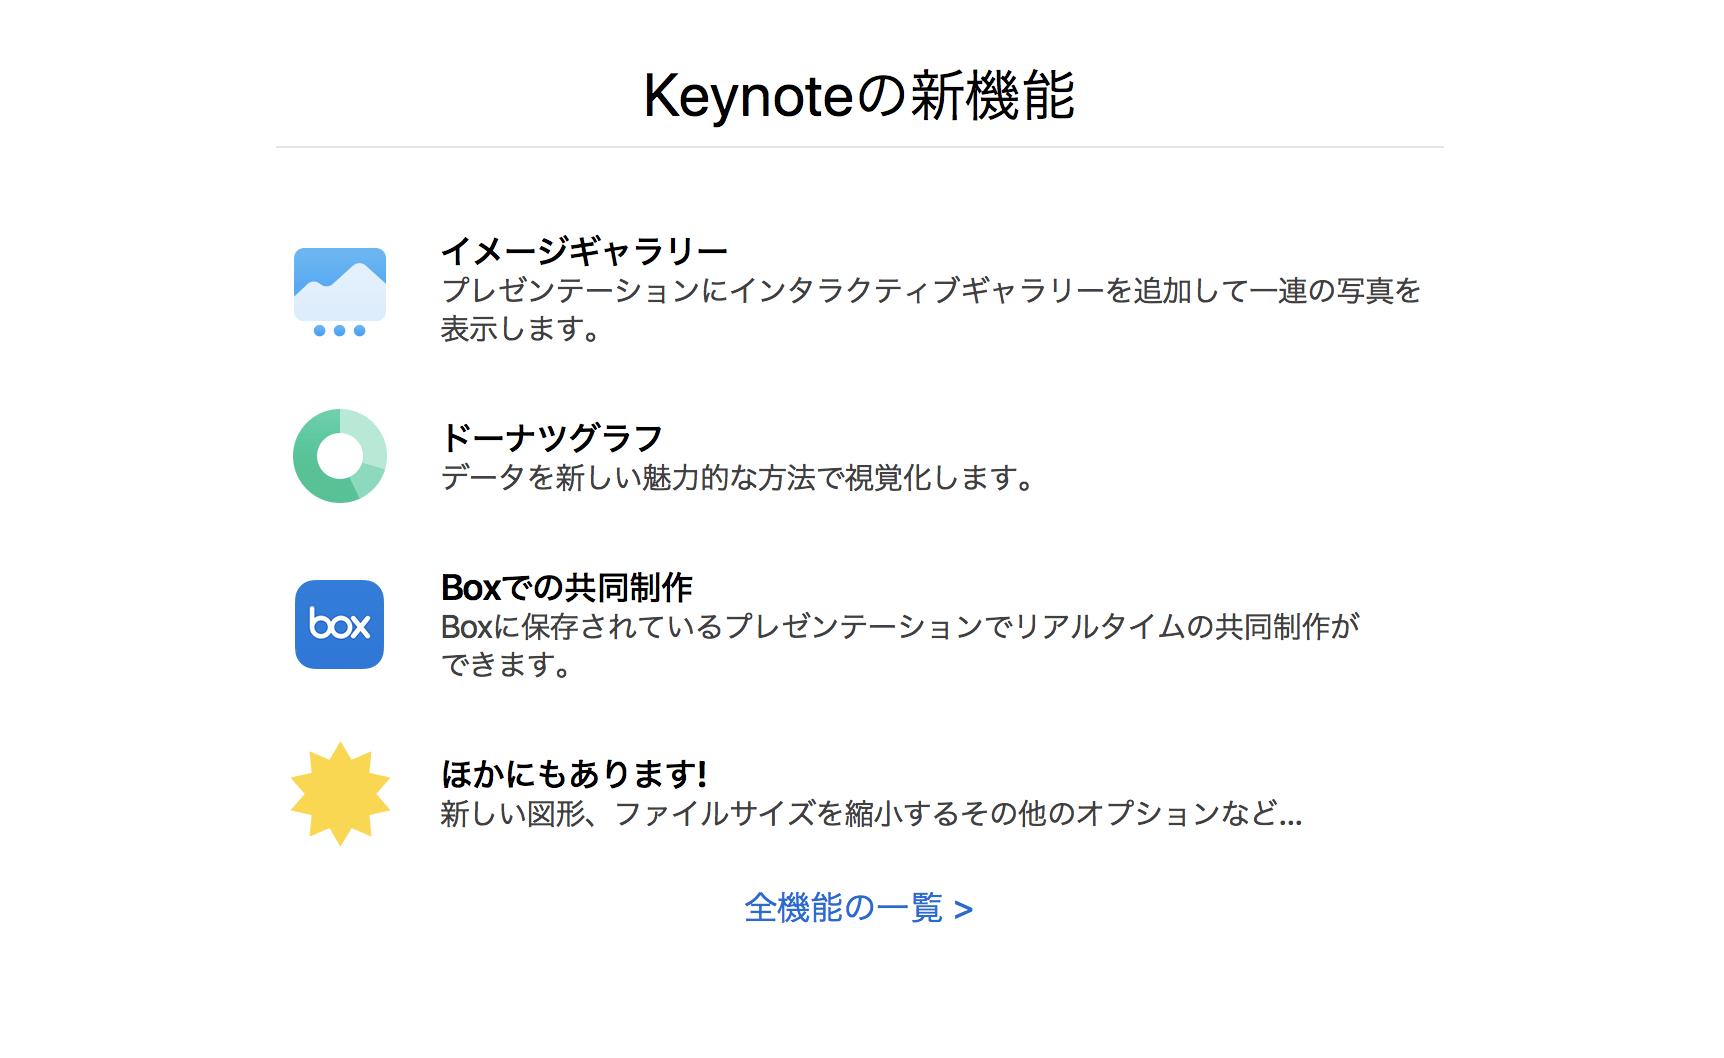 Keynote 8.0 の主な新機能